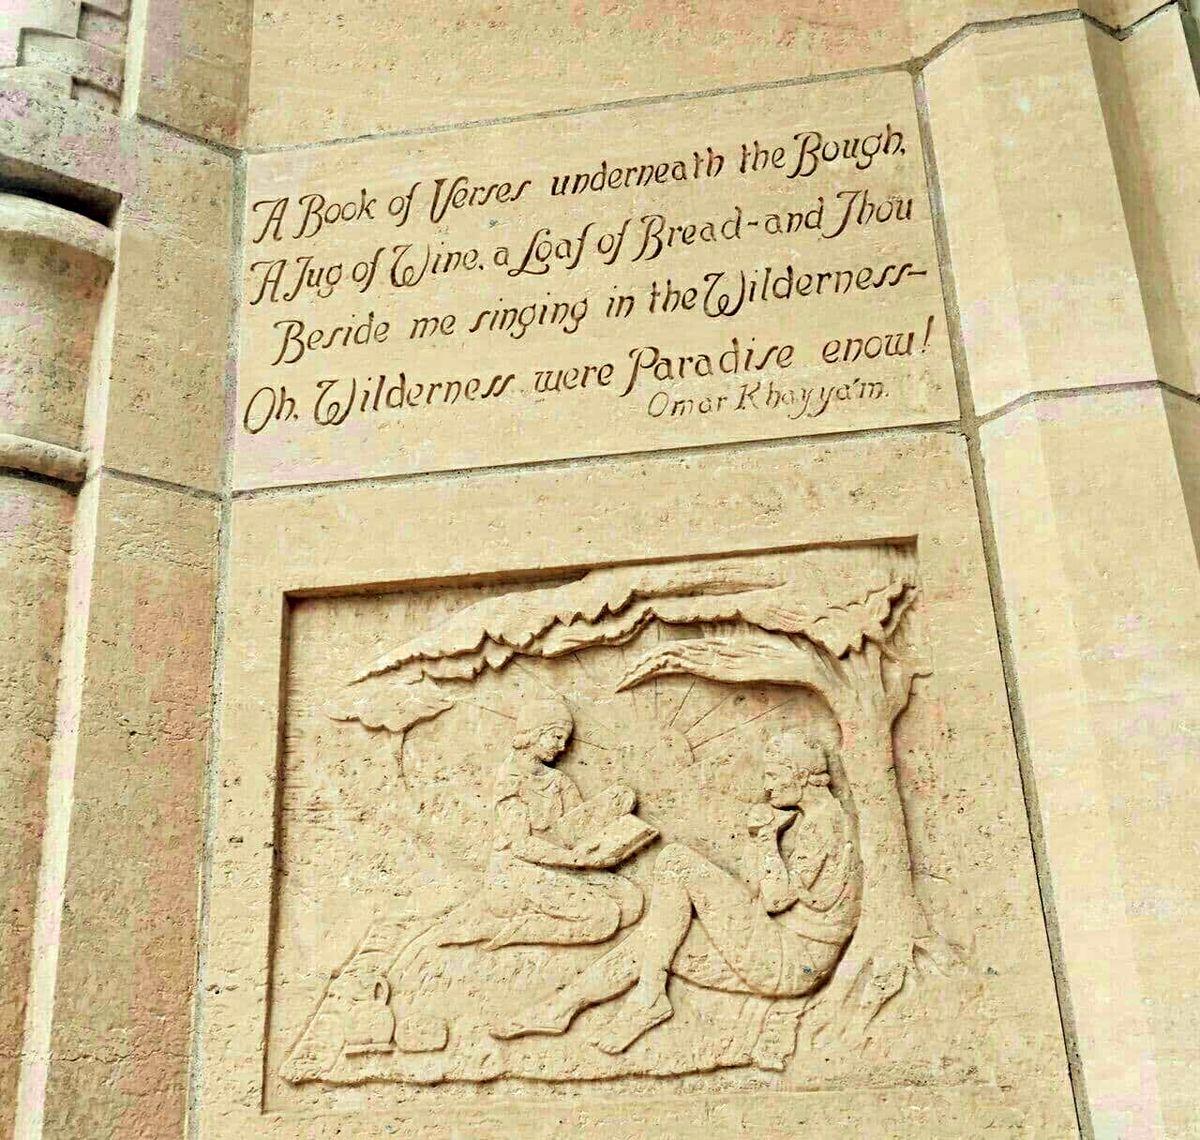 شعرى از حکیم عمر خیام بر دیوار دانشکده پزشکی آمریکا +عکس